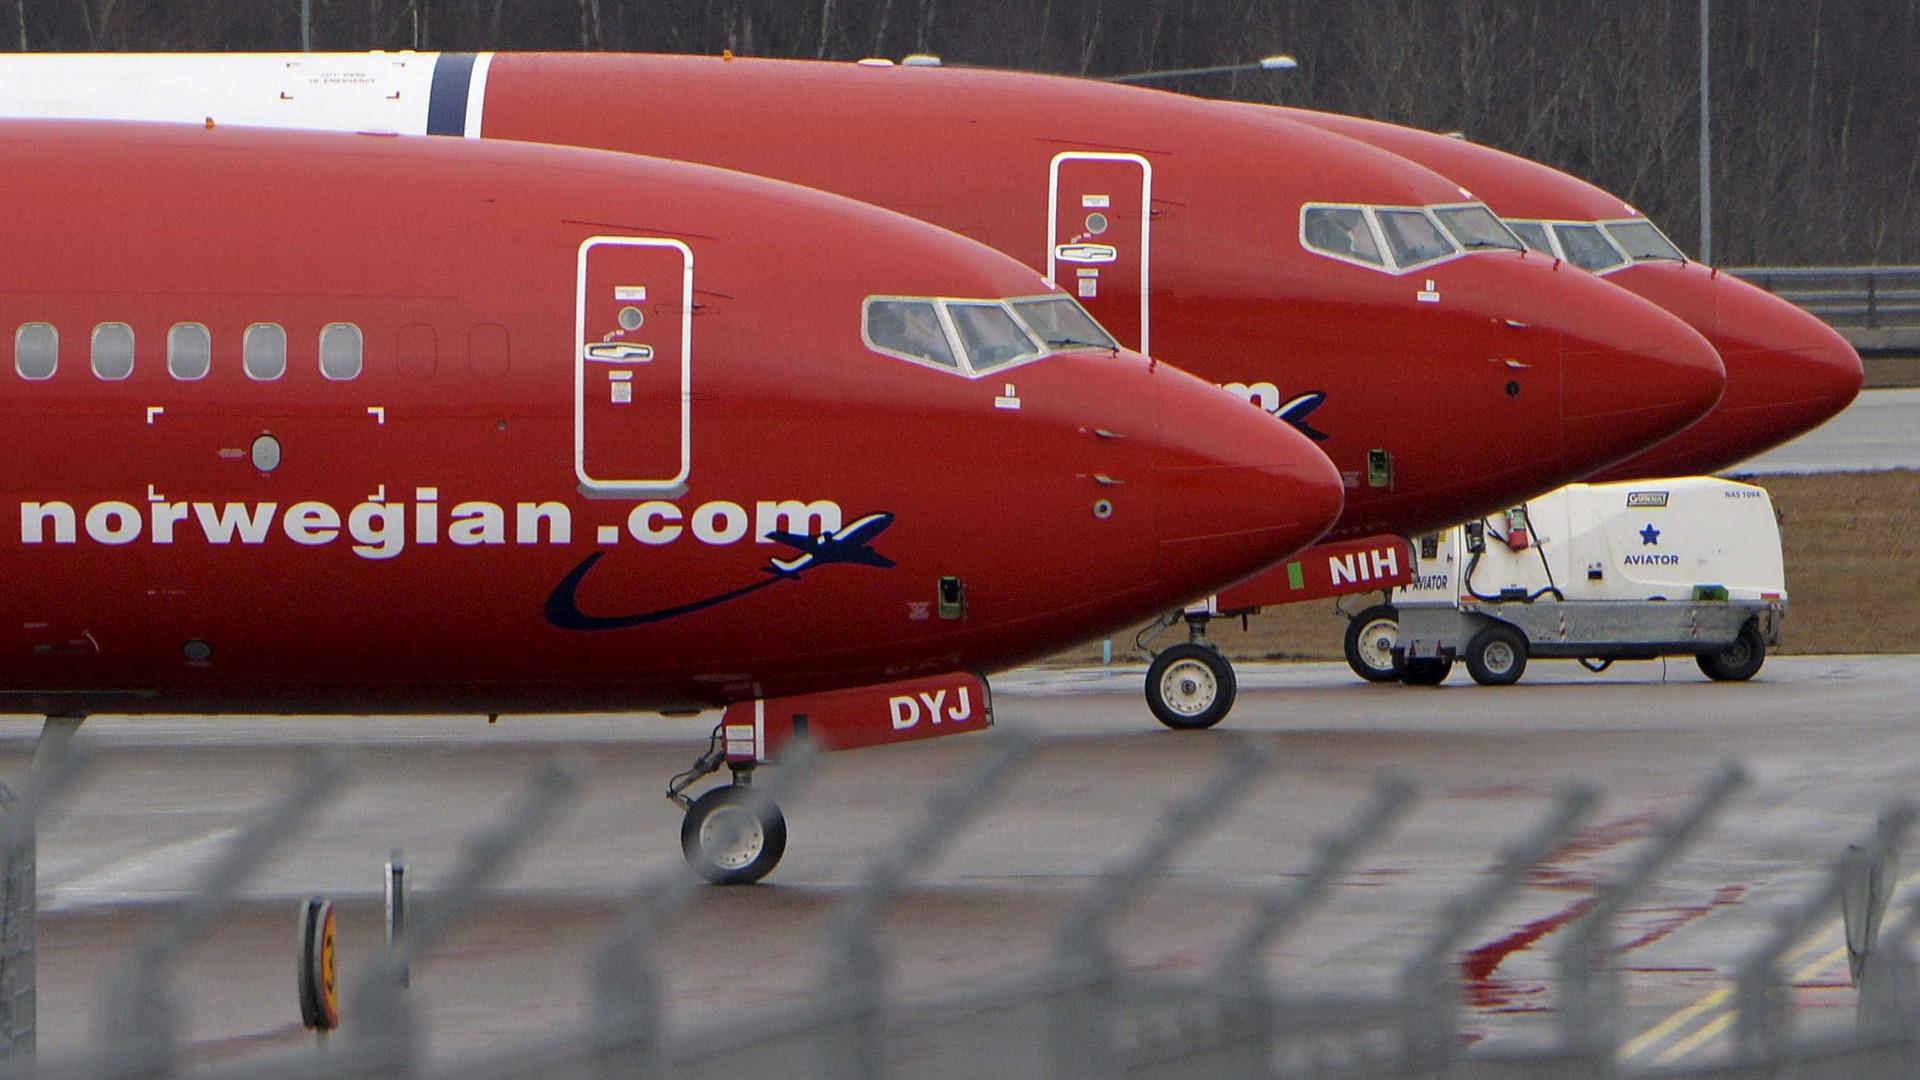 Empresa aérea 'low cost' já pode fazer voos entre Brasil e Europa